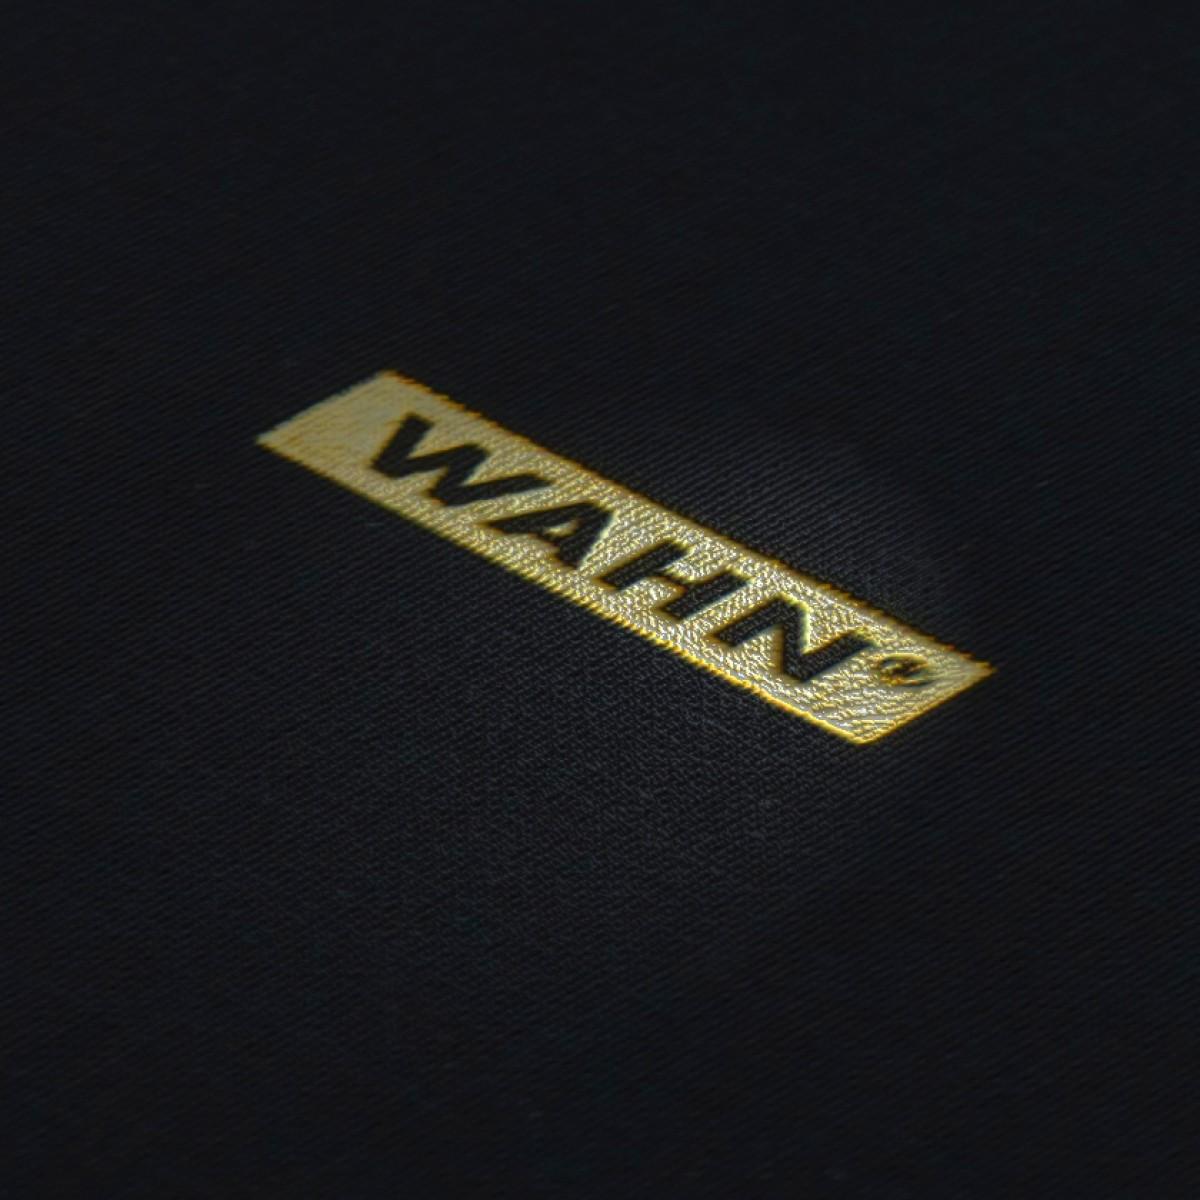 WAHN Notizbuch (125 x185 mm, schwarzes Leinen mit Goldschnitt)